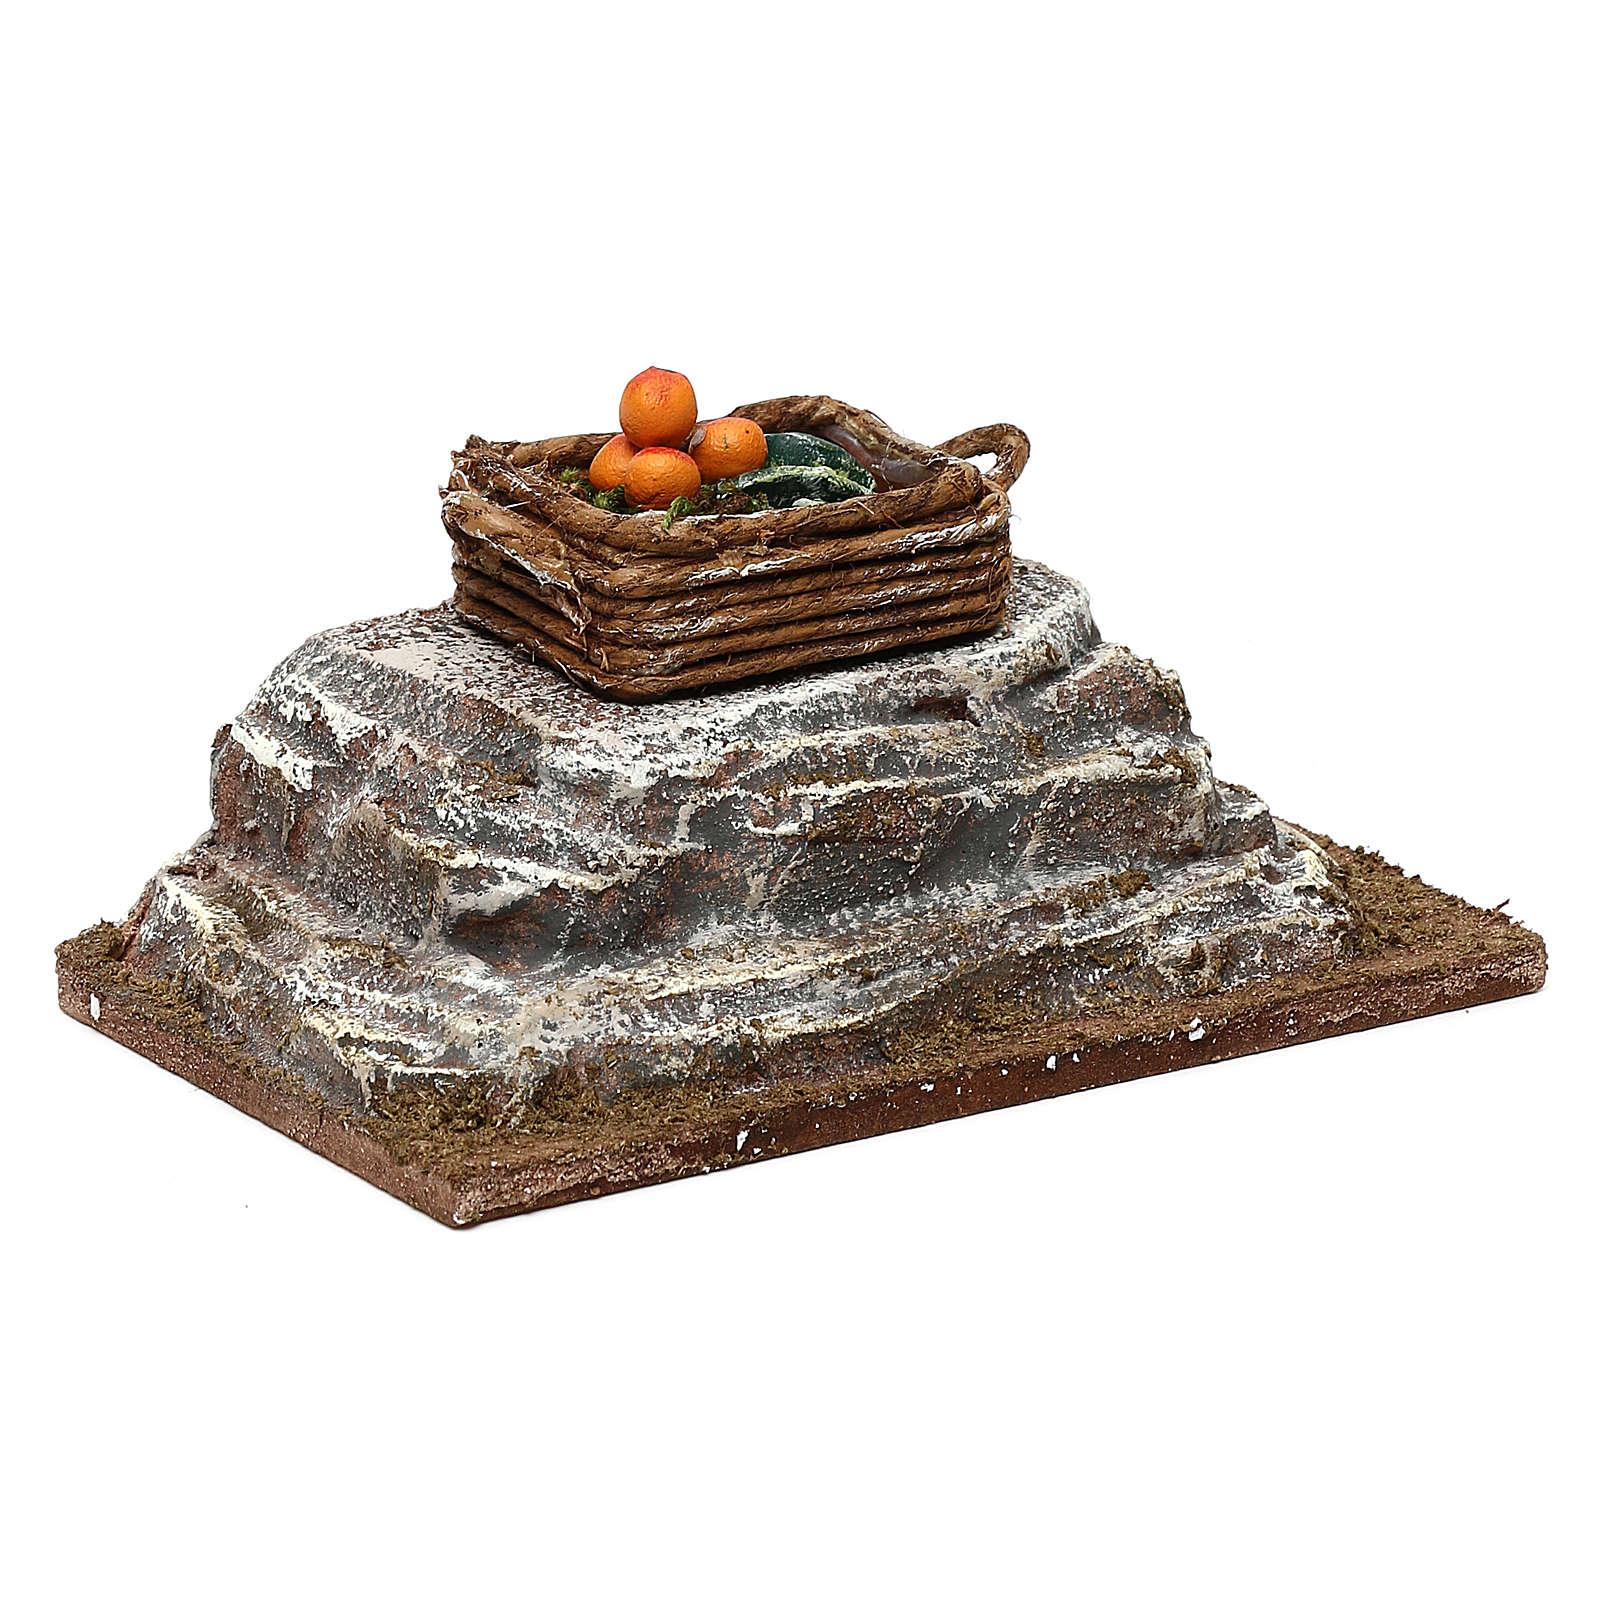 Cassetta su pietra presepe 12 cm ambientazione 6x12x6 cm 4